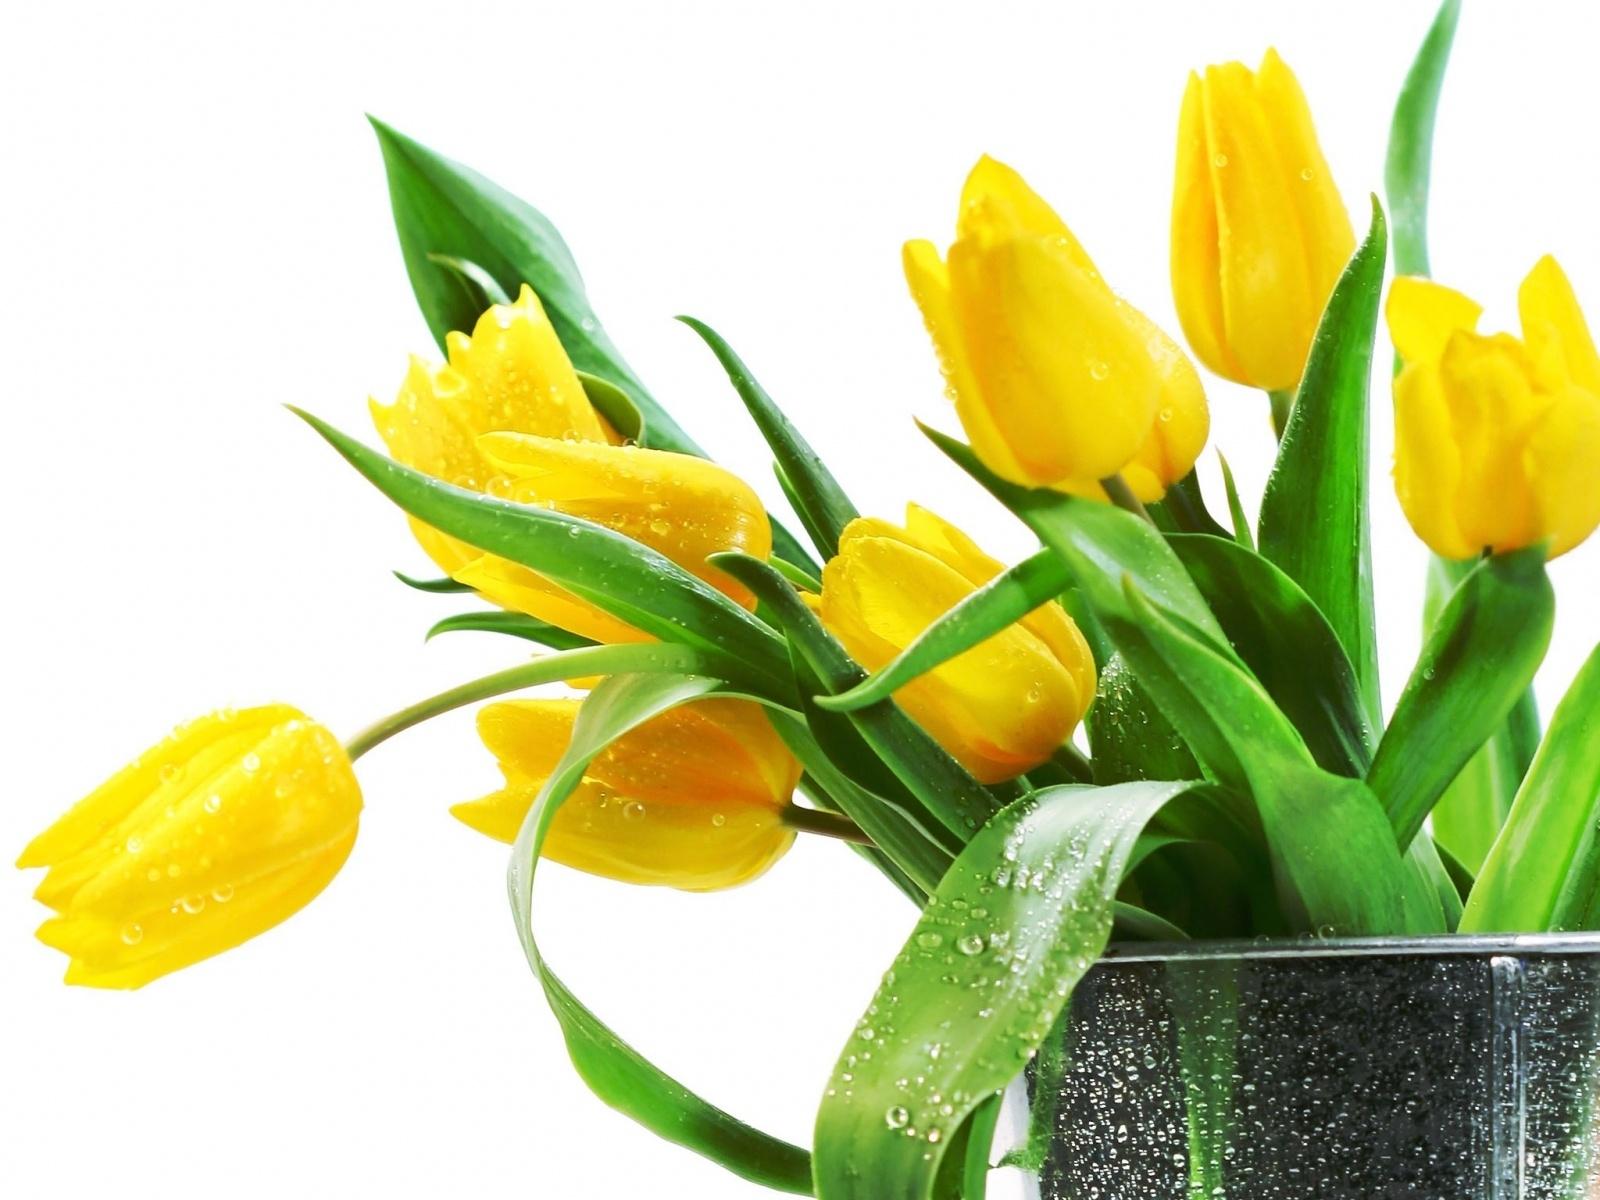 Fondos De Pantalla Hermosas Flores Tulipanes Amarillos 1600x1200 Hd